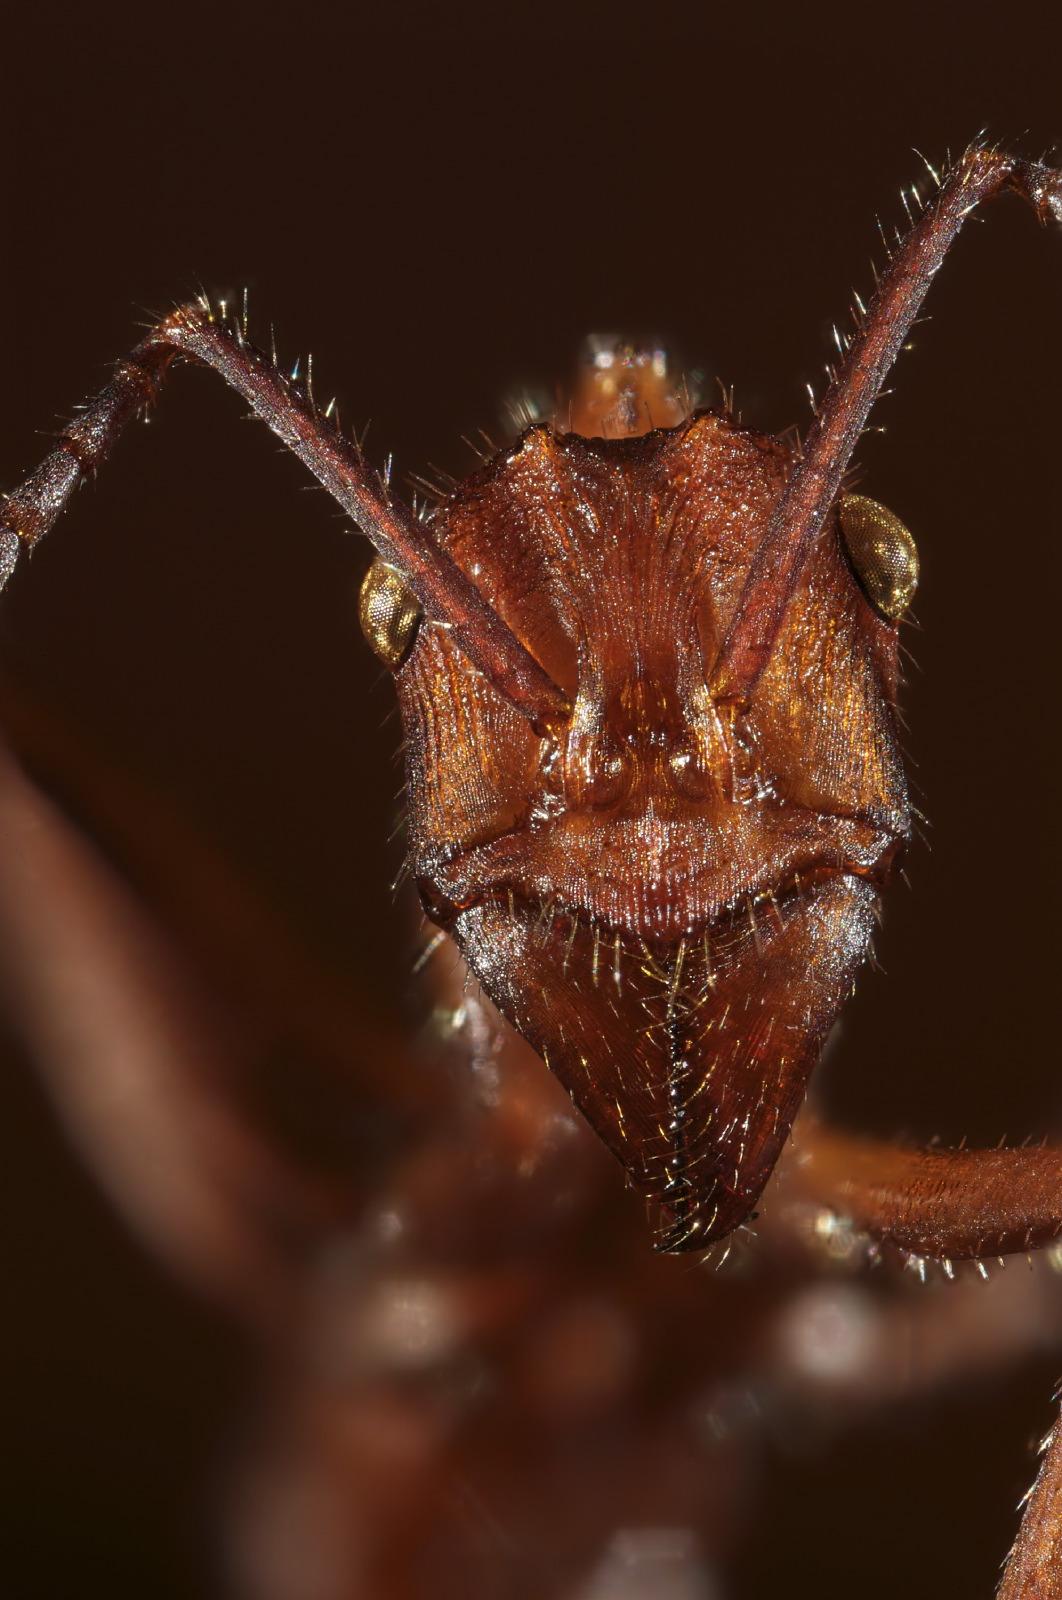 Ectatomma ant portrait